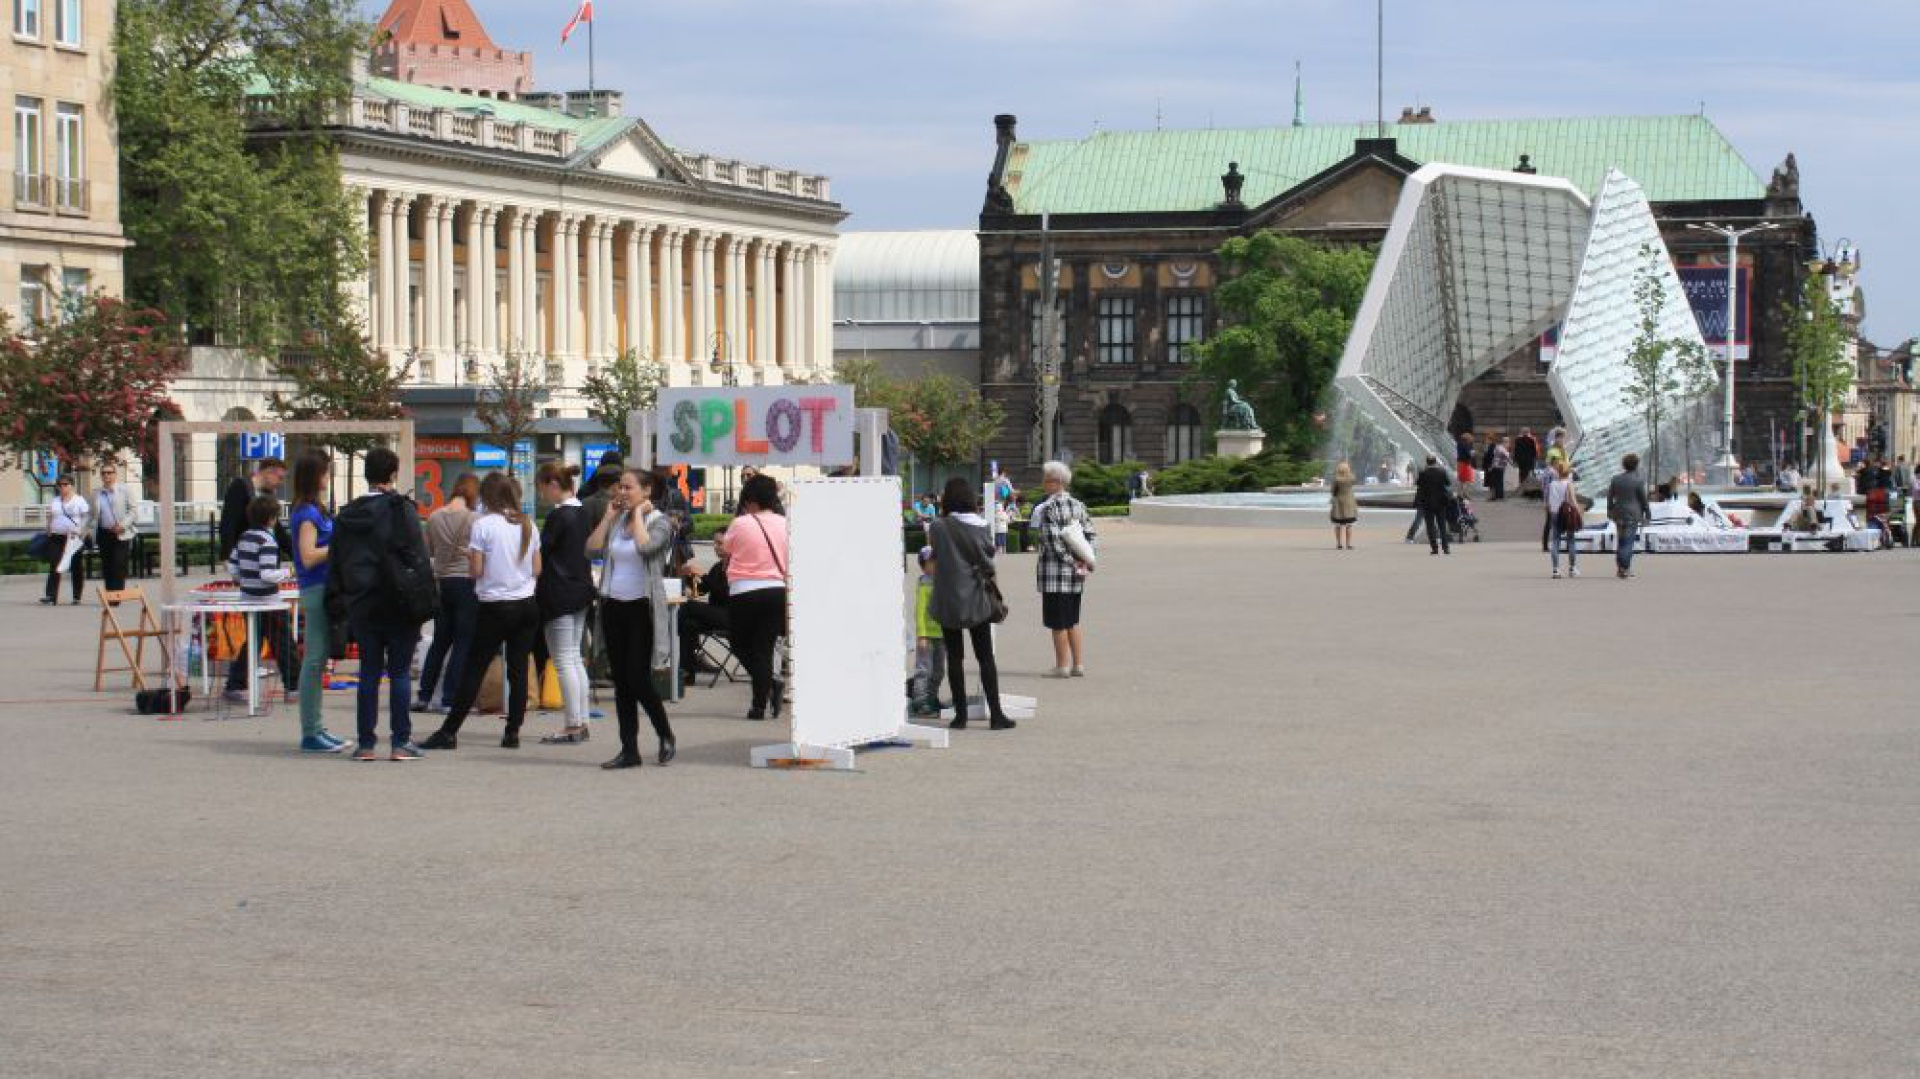 Plac Wolności z fontanną Wolności w tle, podczas trwania II edycji Poznań Design Days. Fot. Piotr Sawczuk